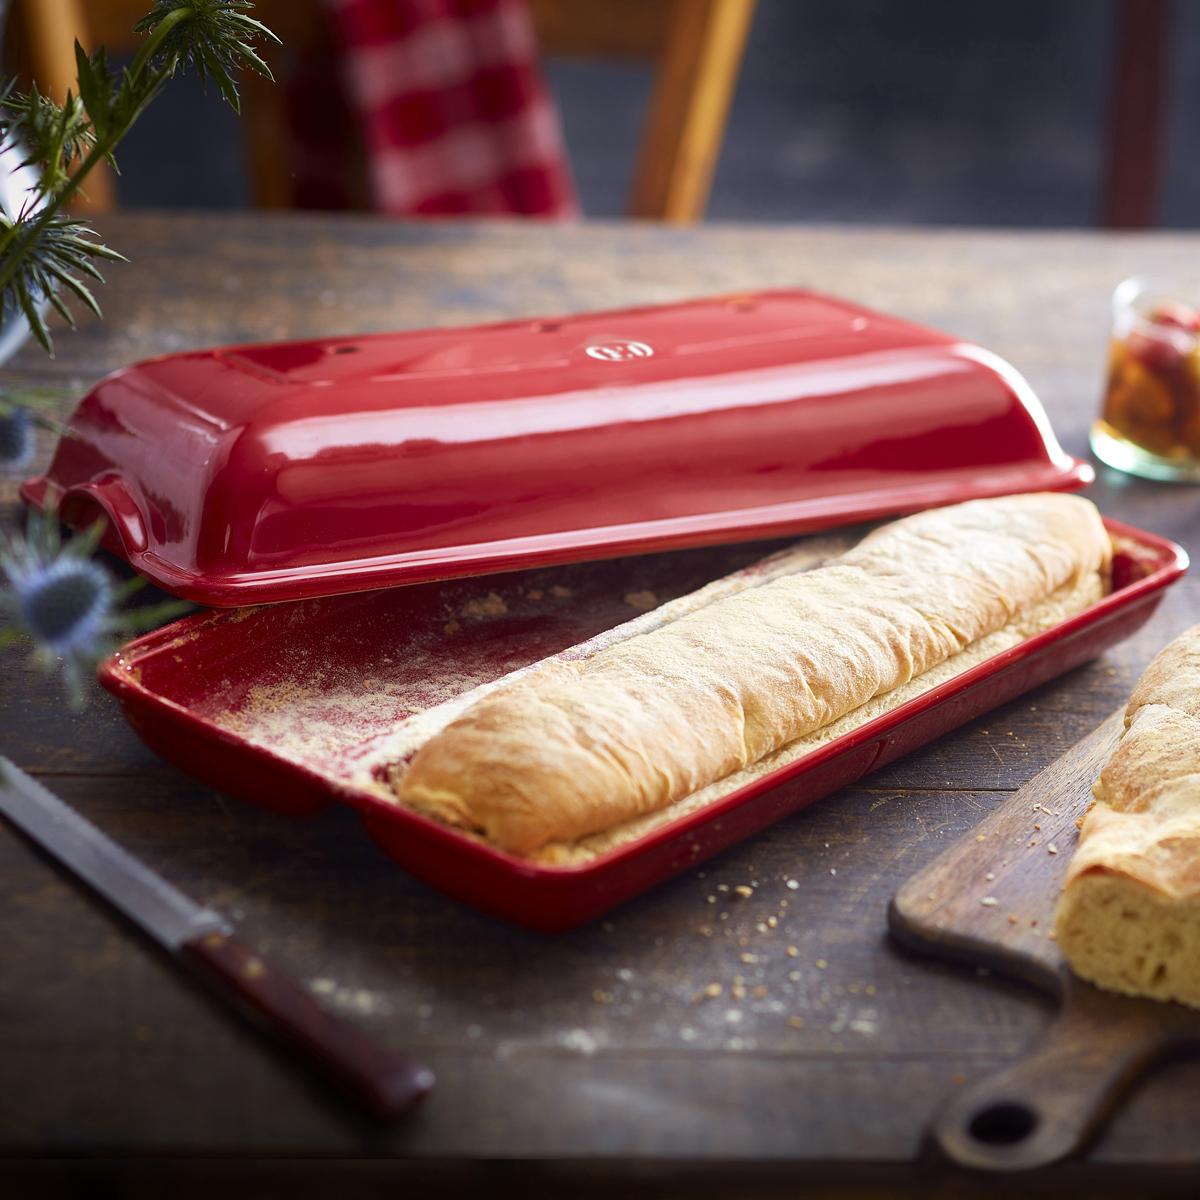 Tradicional pão artesanal italiano 'Ciabatta' em casa!